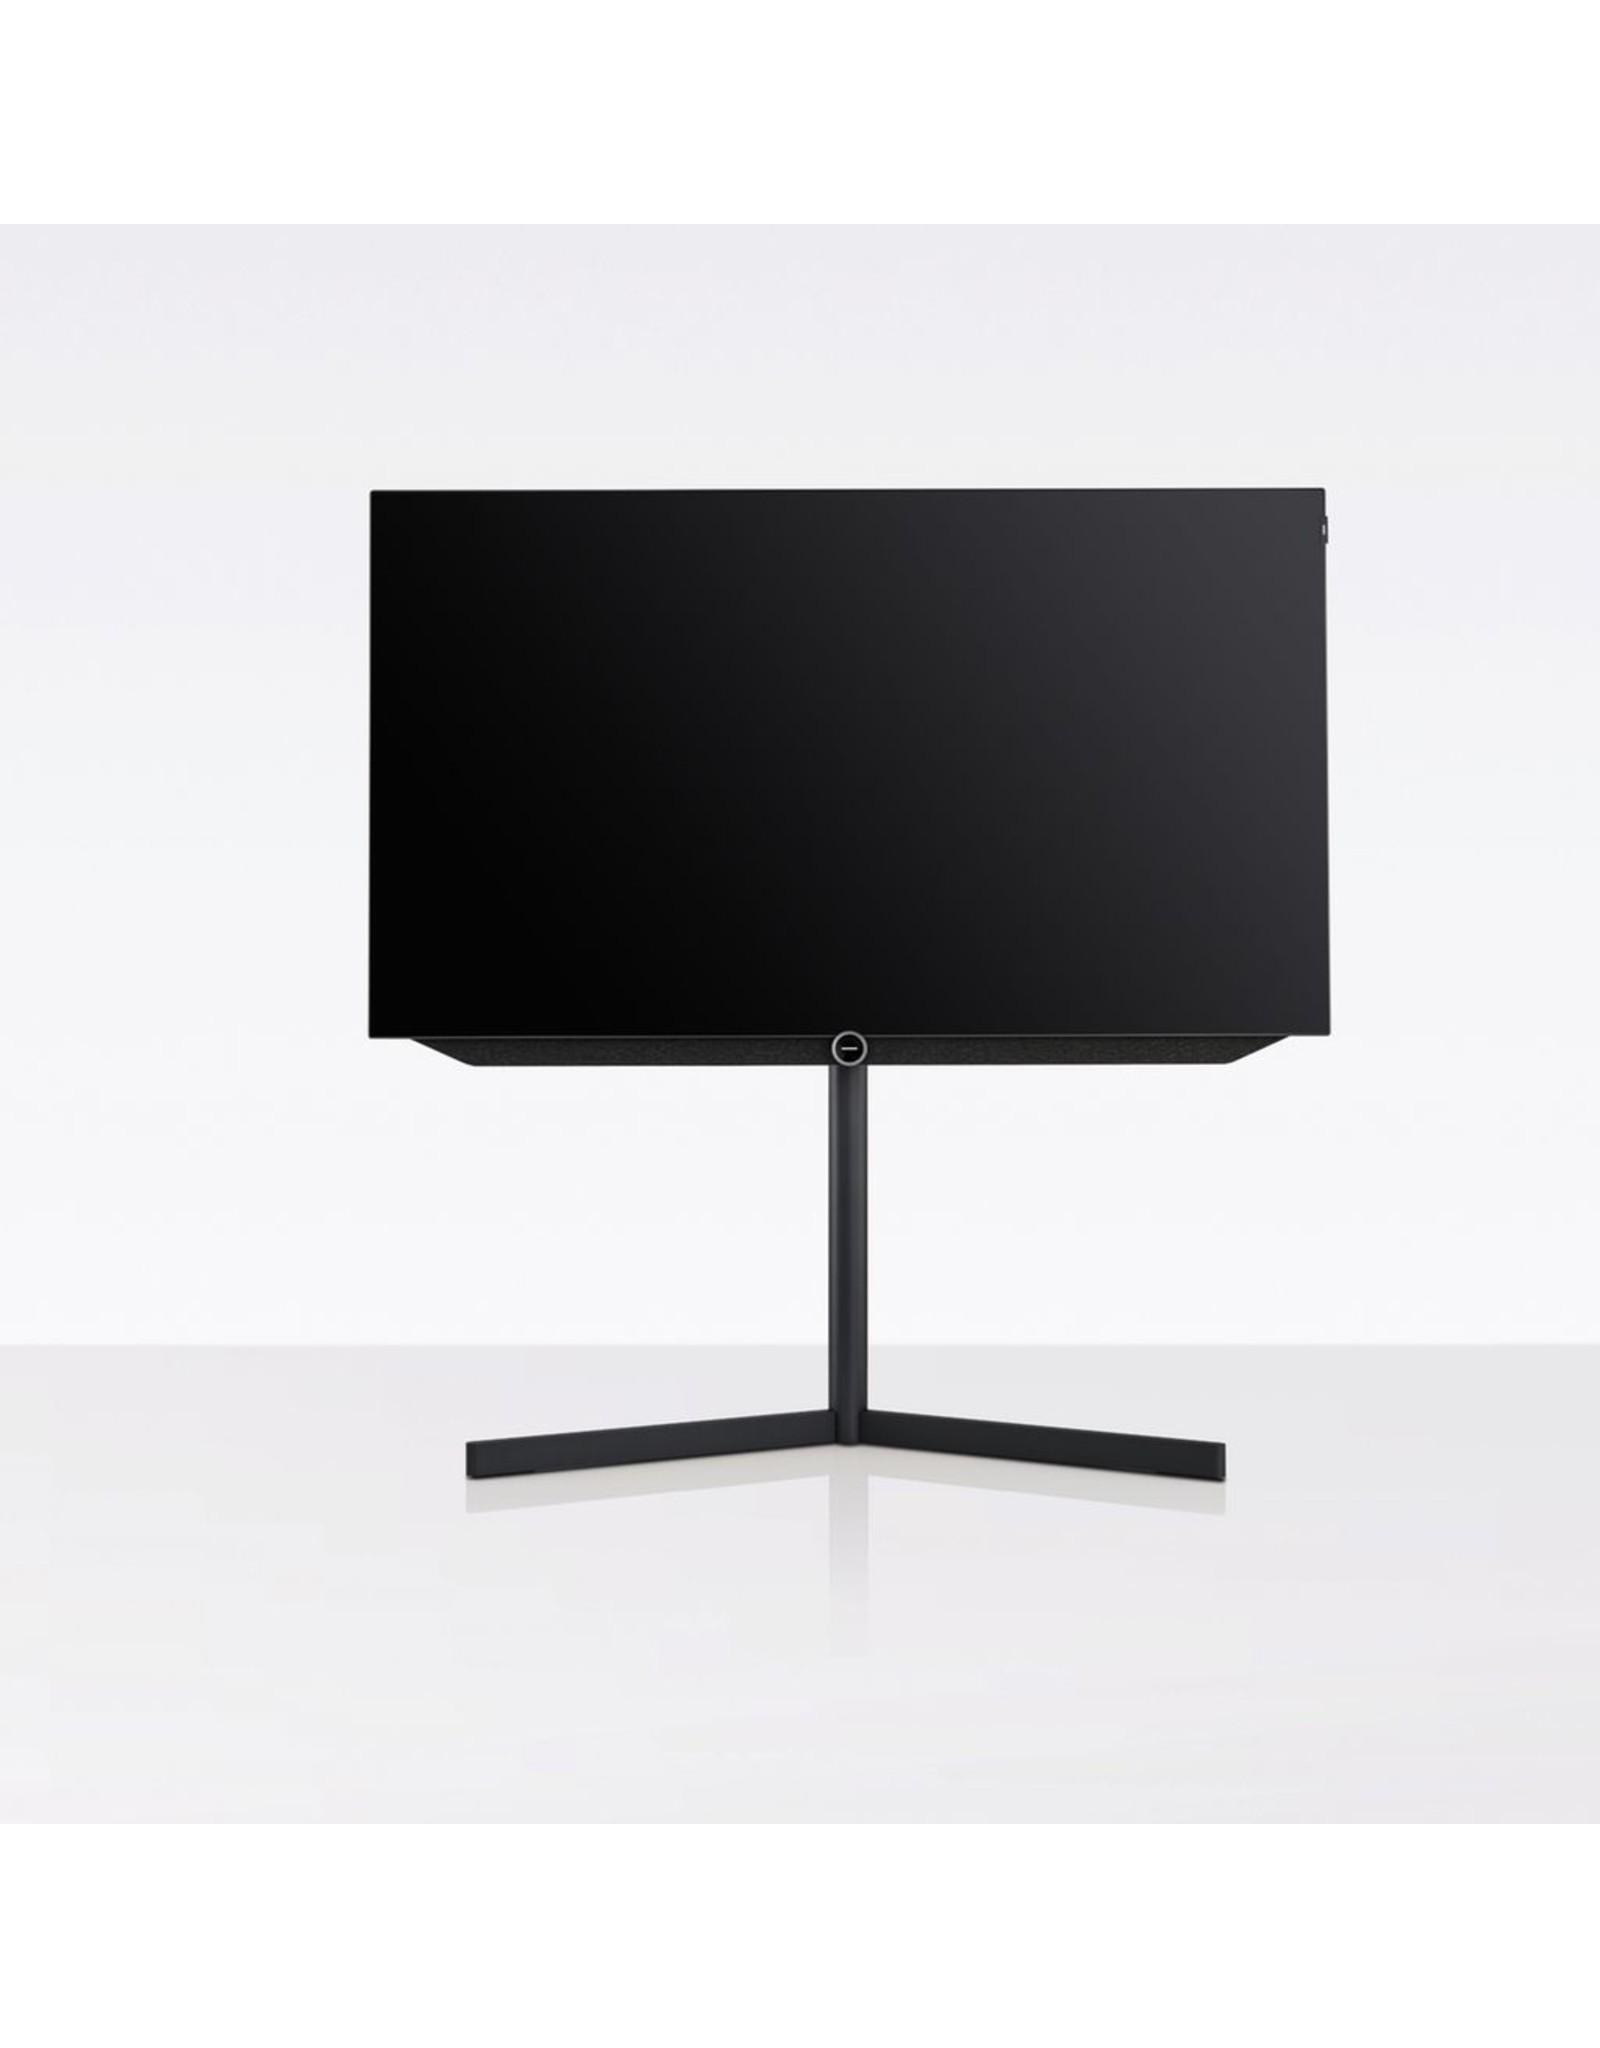 LOEWE LOEWE bild 7.55 DR+ UHD VantaVision OLED Television